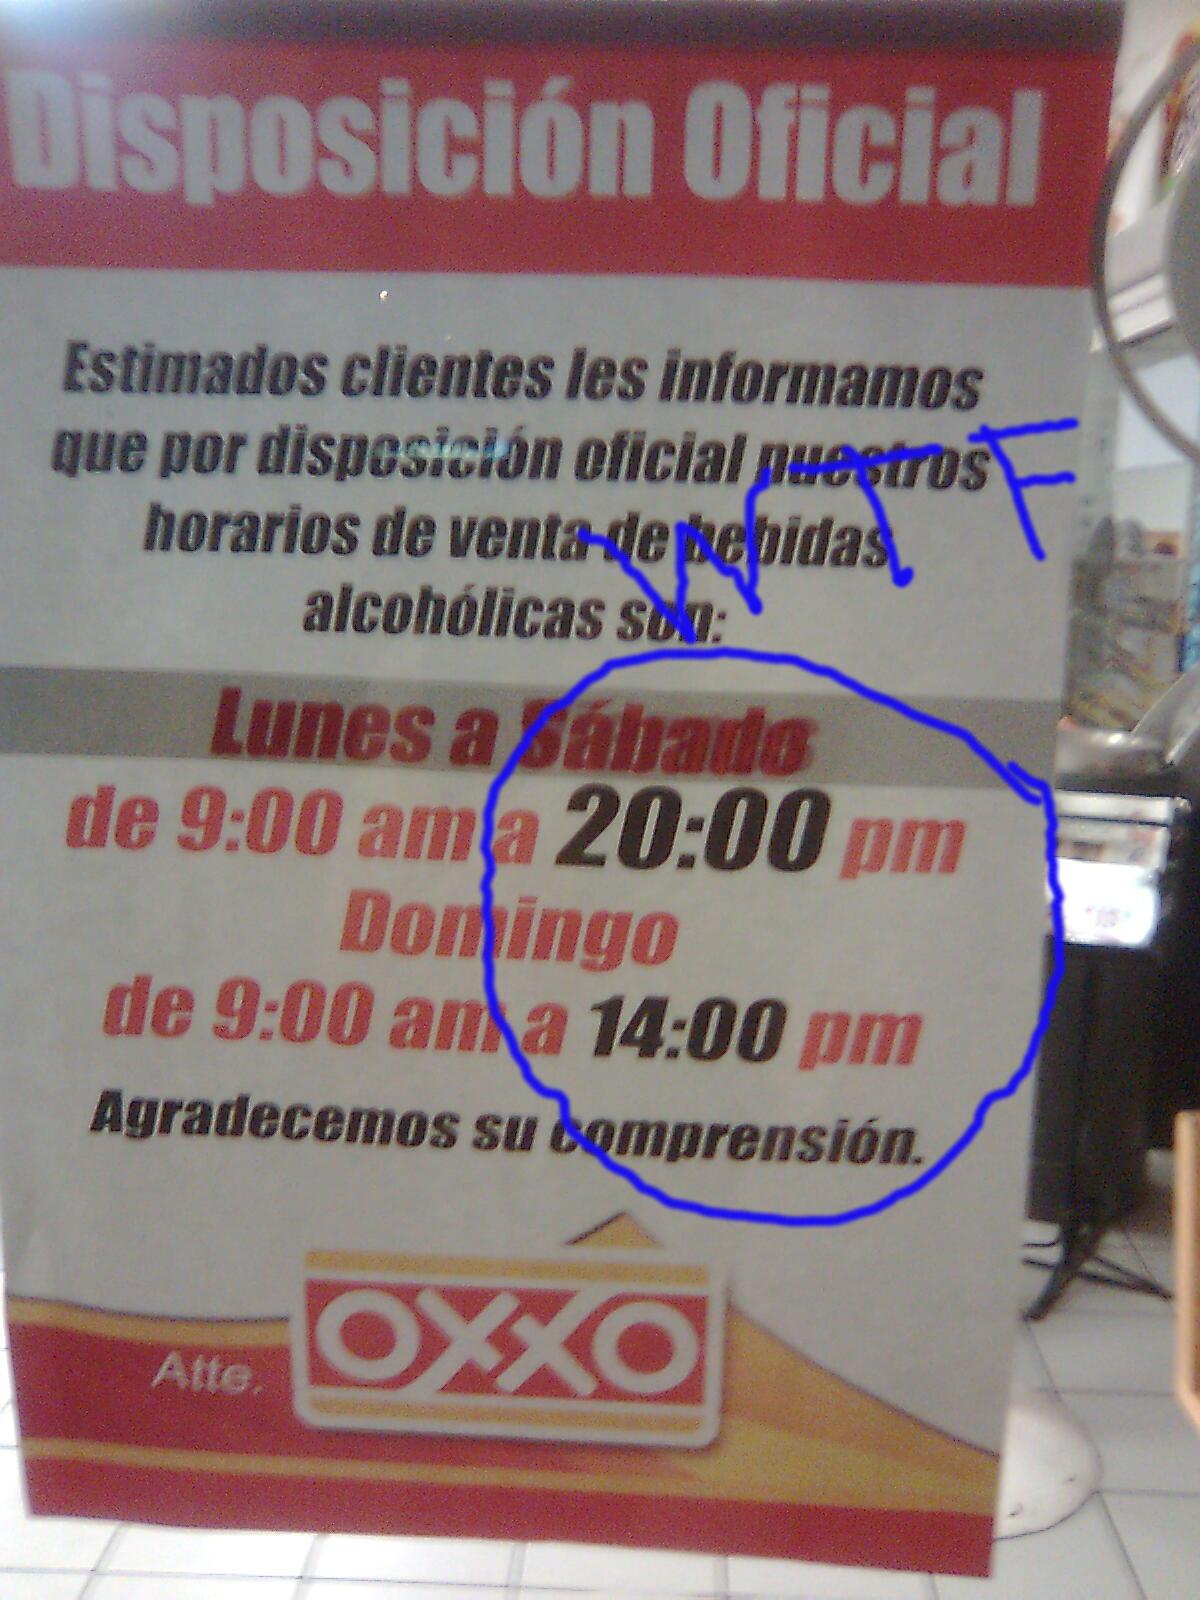 ¿Quién dice que no existen las 20:00 pm?